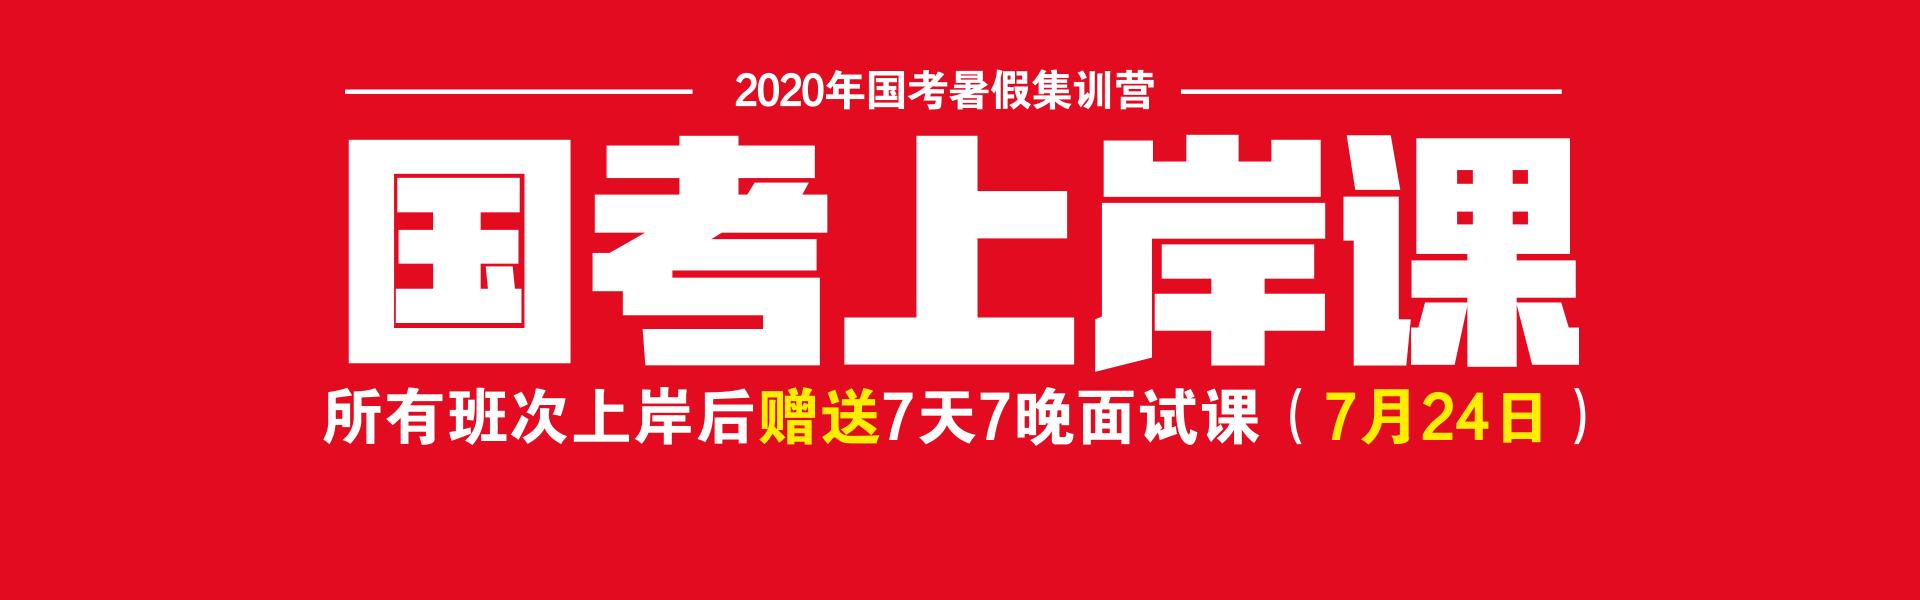 2020年国考